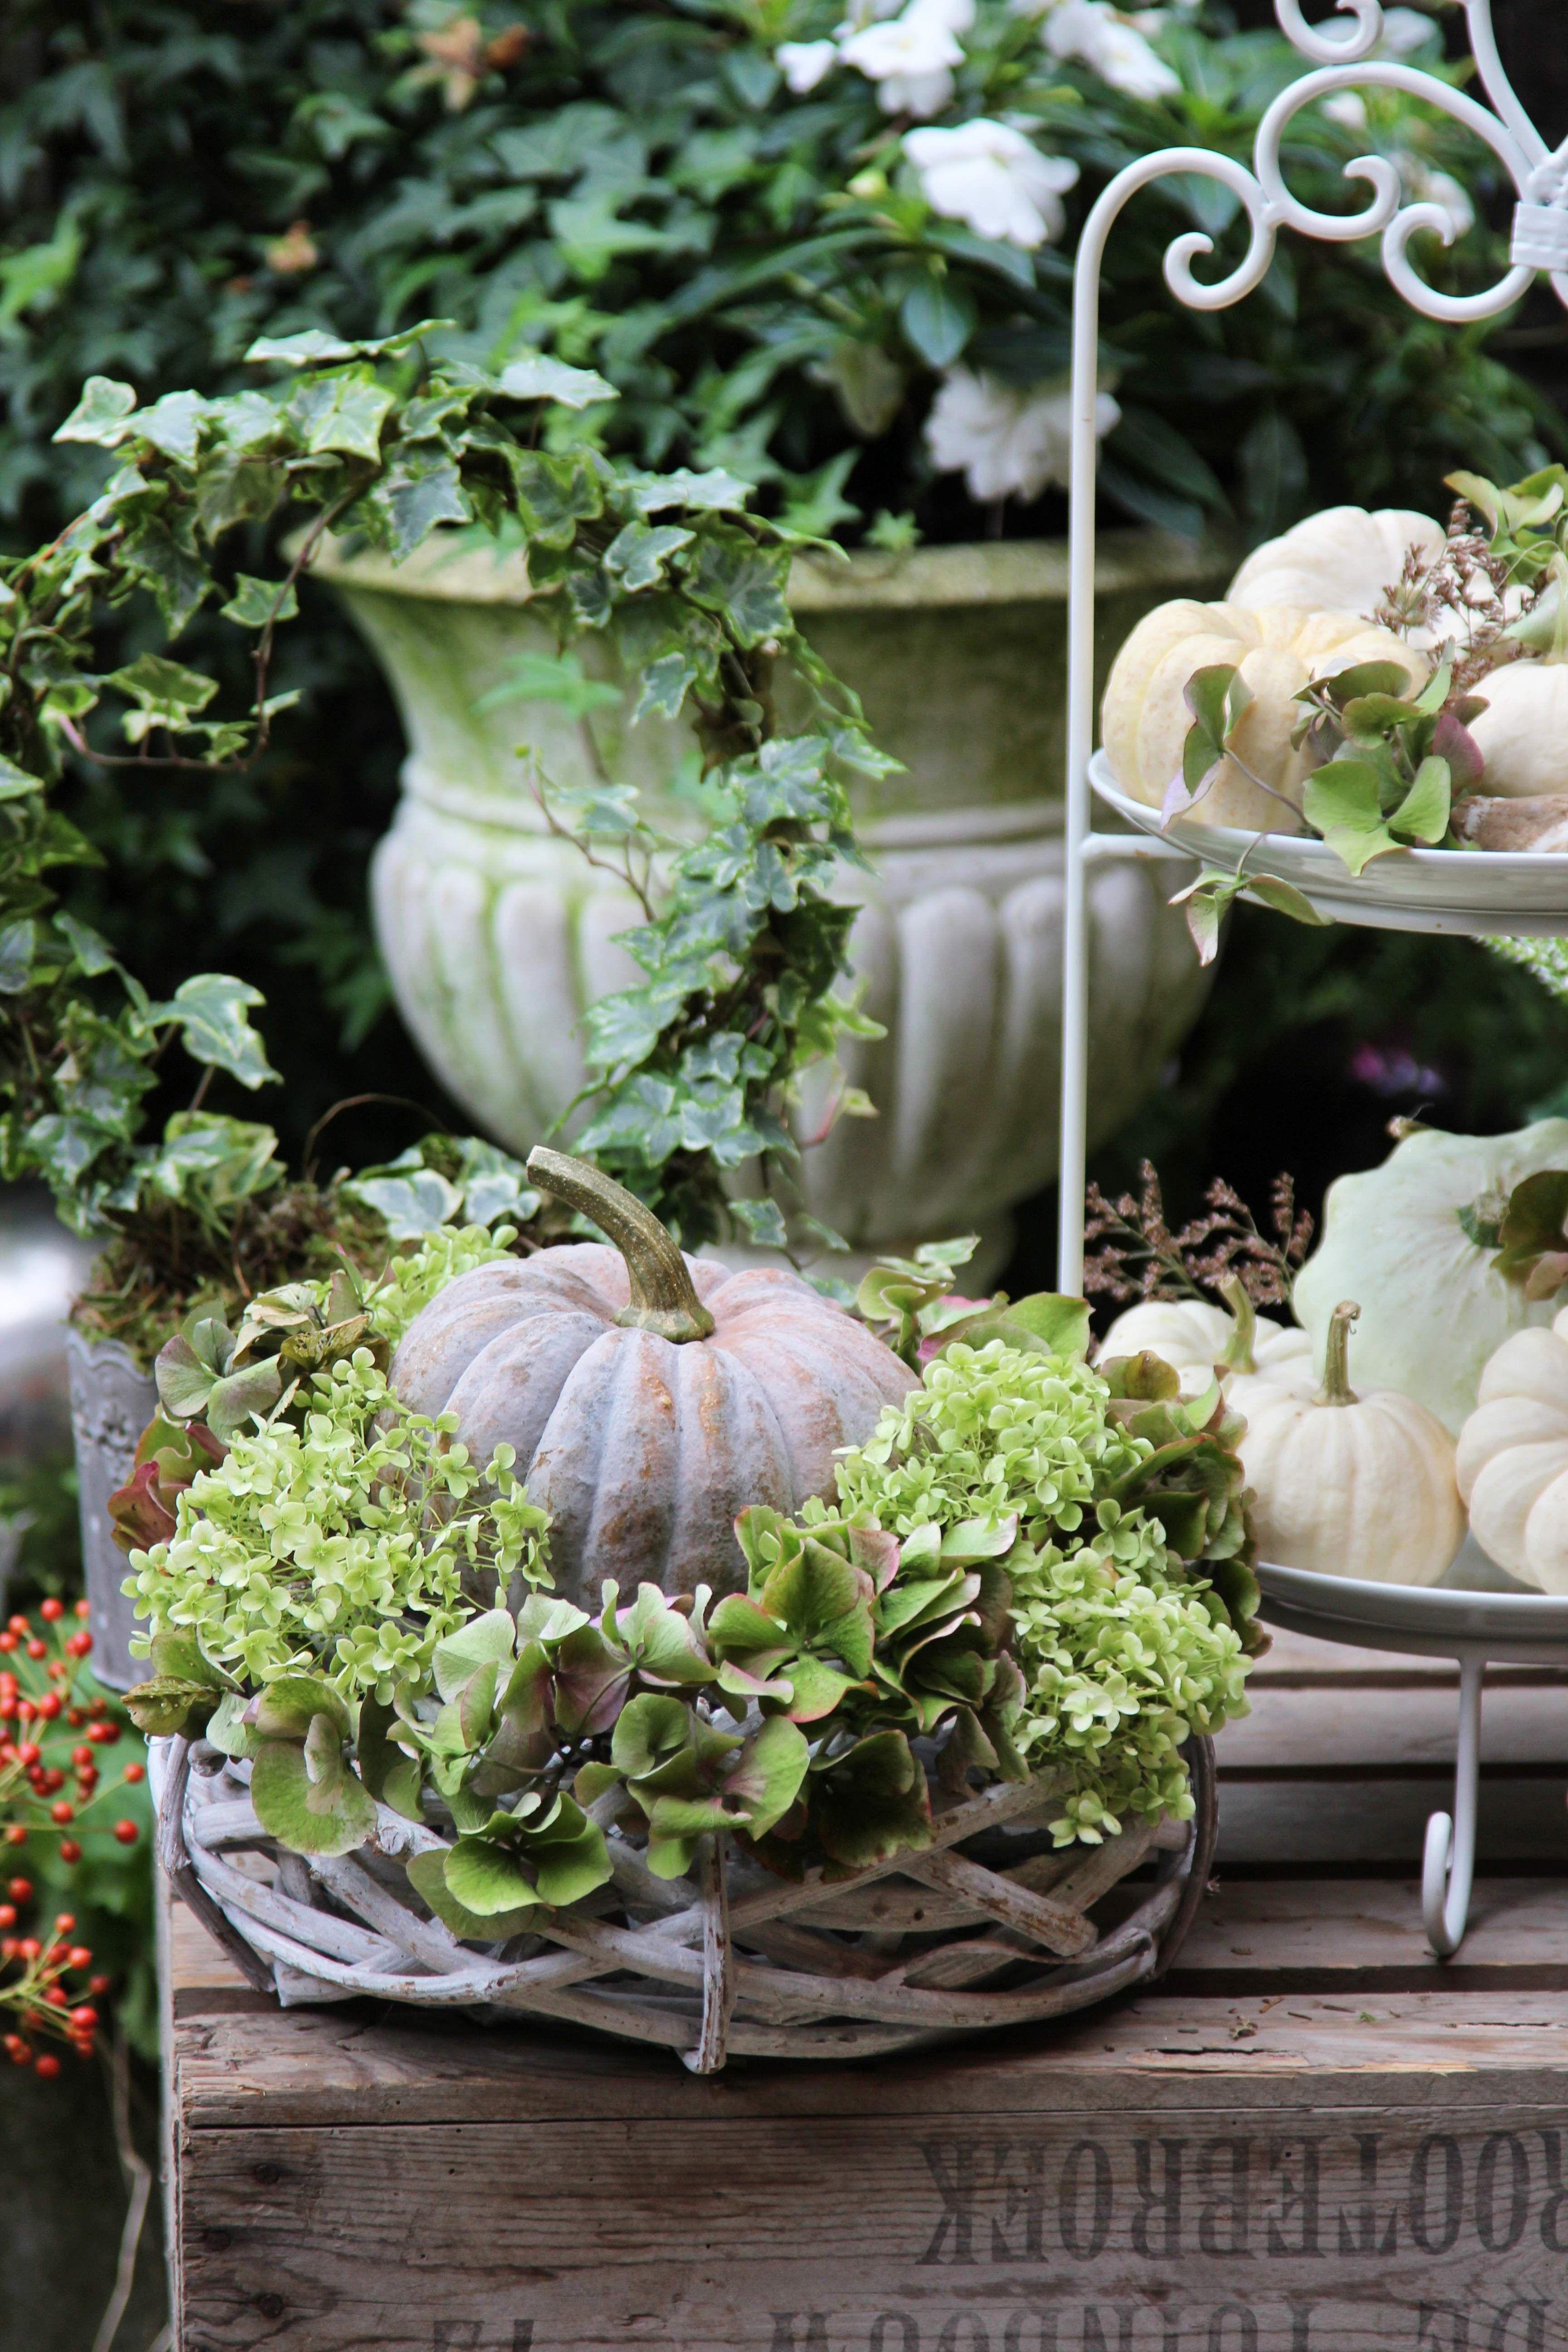 Dieses Jahr kommt der Herbst bei uns in sanften Farben #herbstdekoeingangsbereich